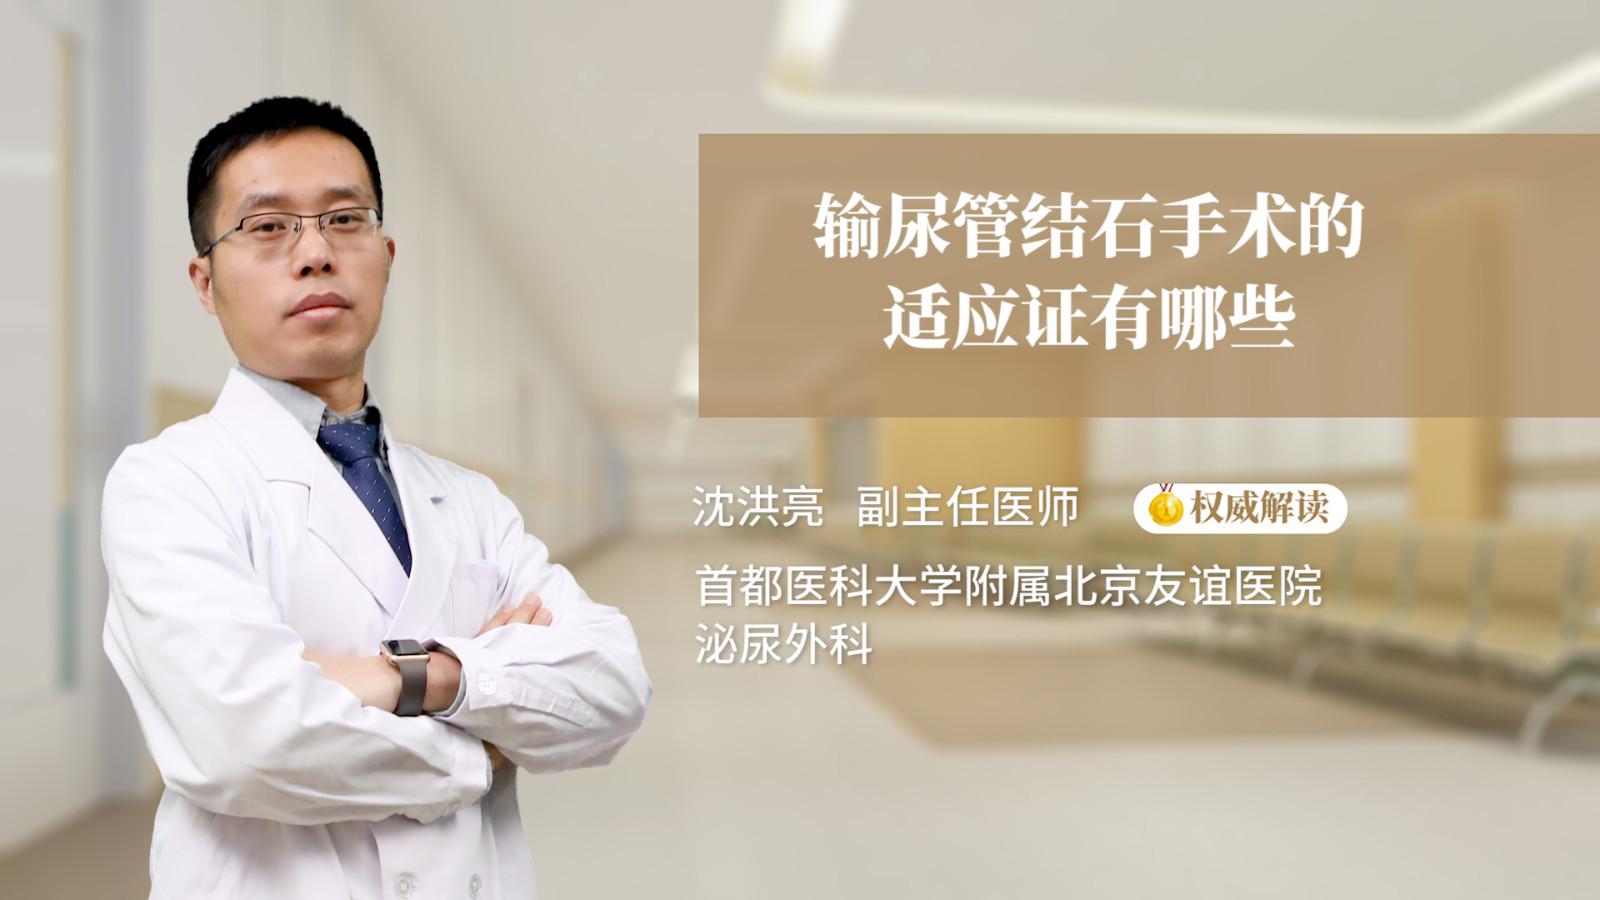 输尿管结石手术的适应证有哪些